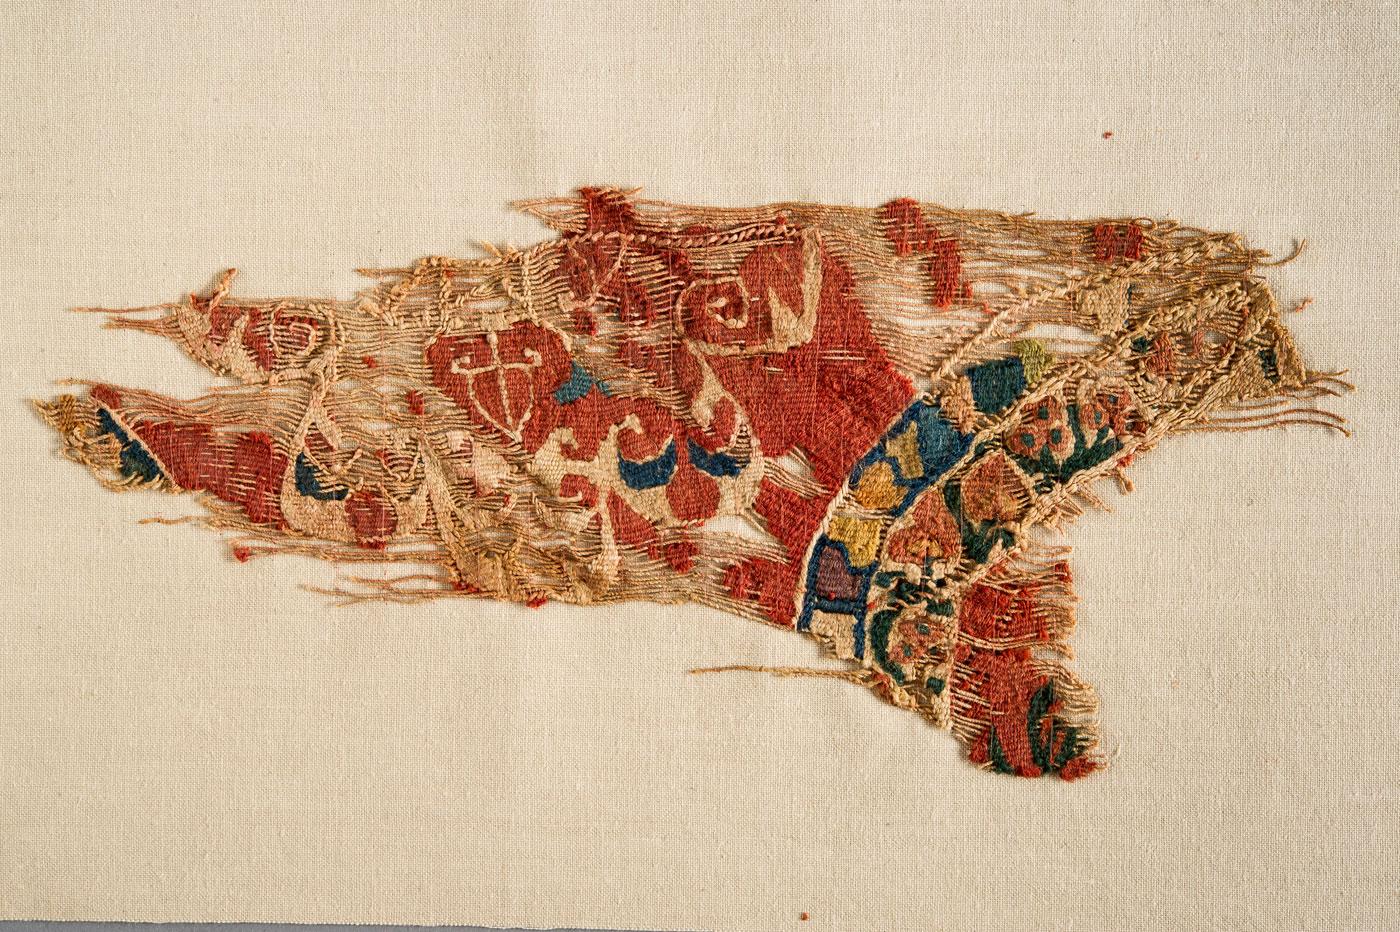 Римска тъкан, археологически музей на Джонс Хопкинс.